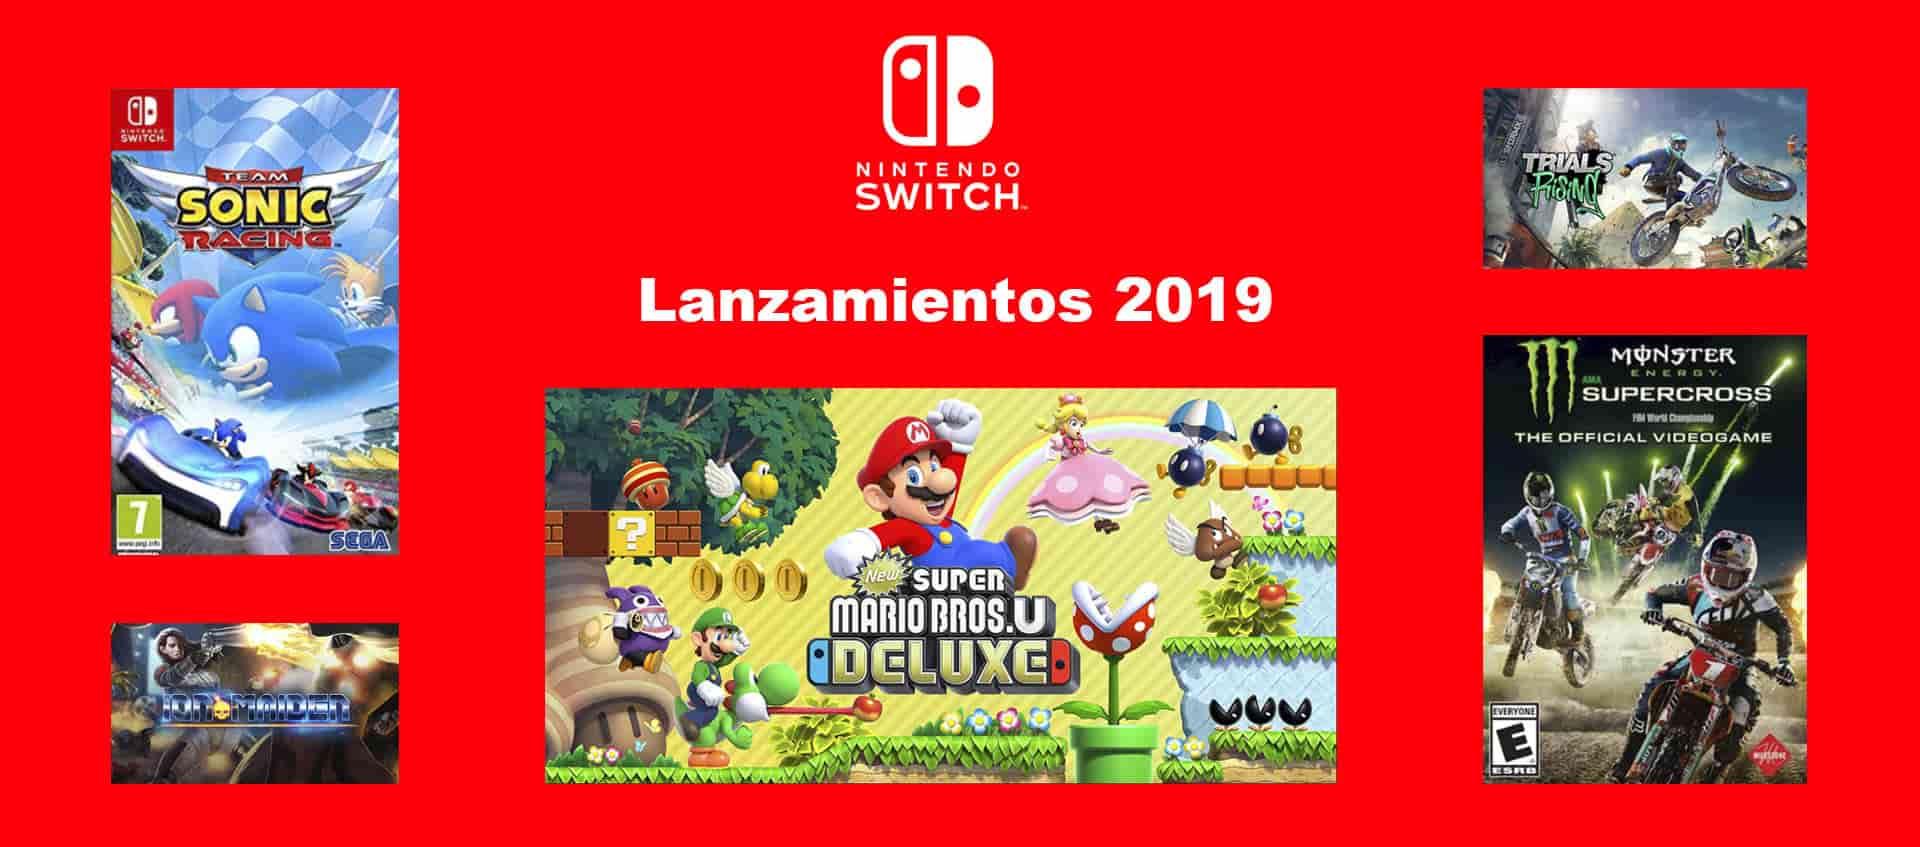 Blog Nintendo Switch Nuevos Lanzamientos 2019